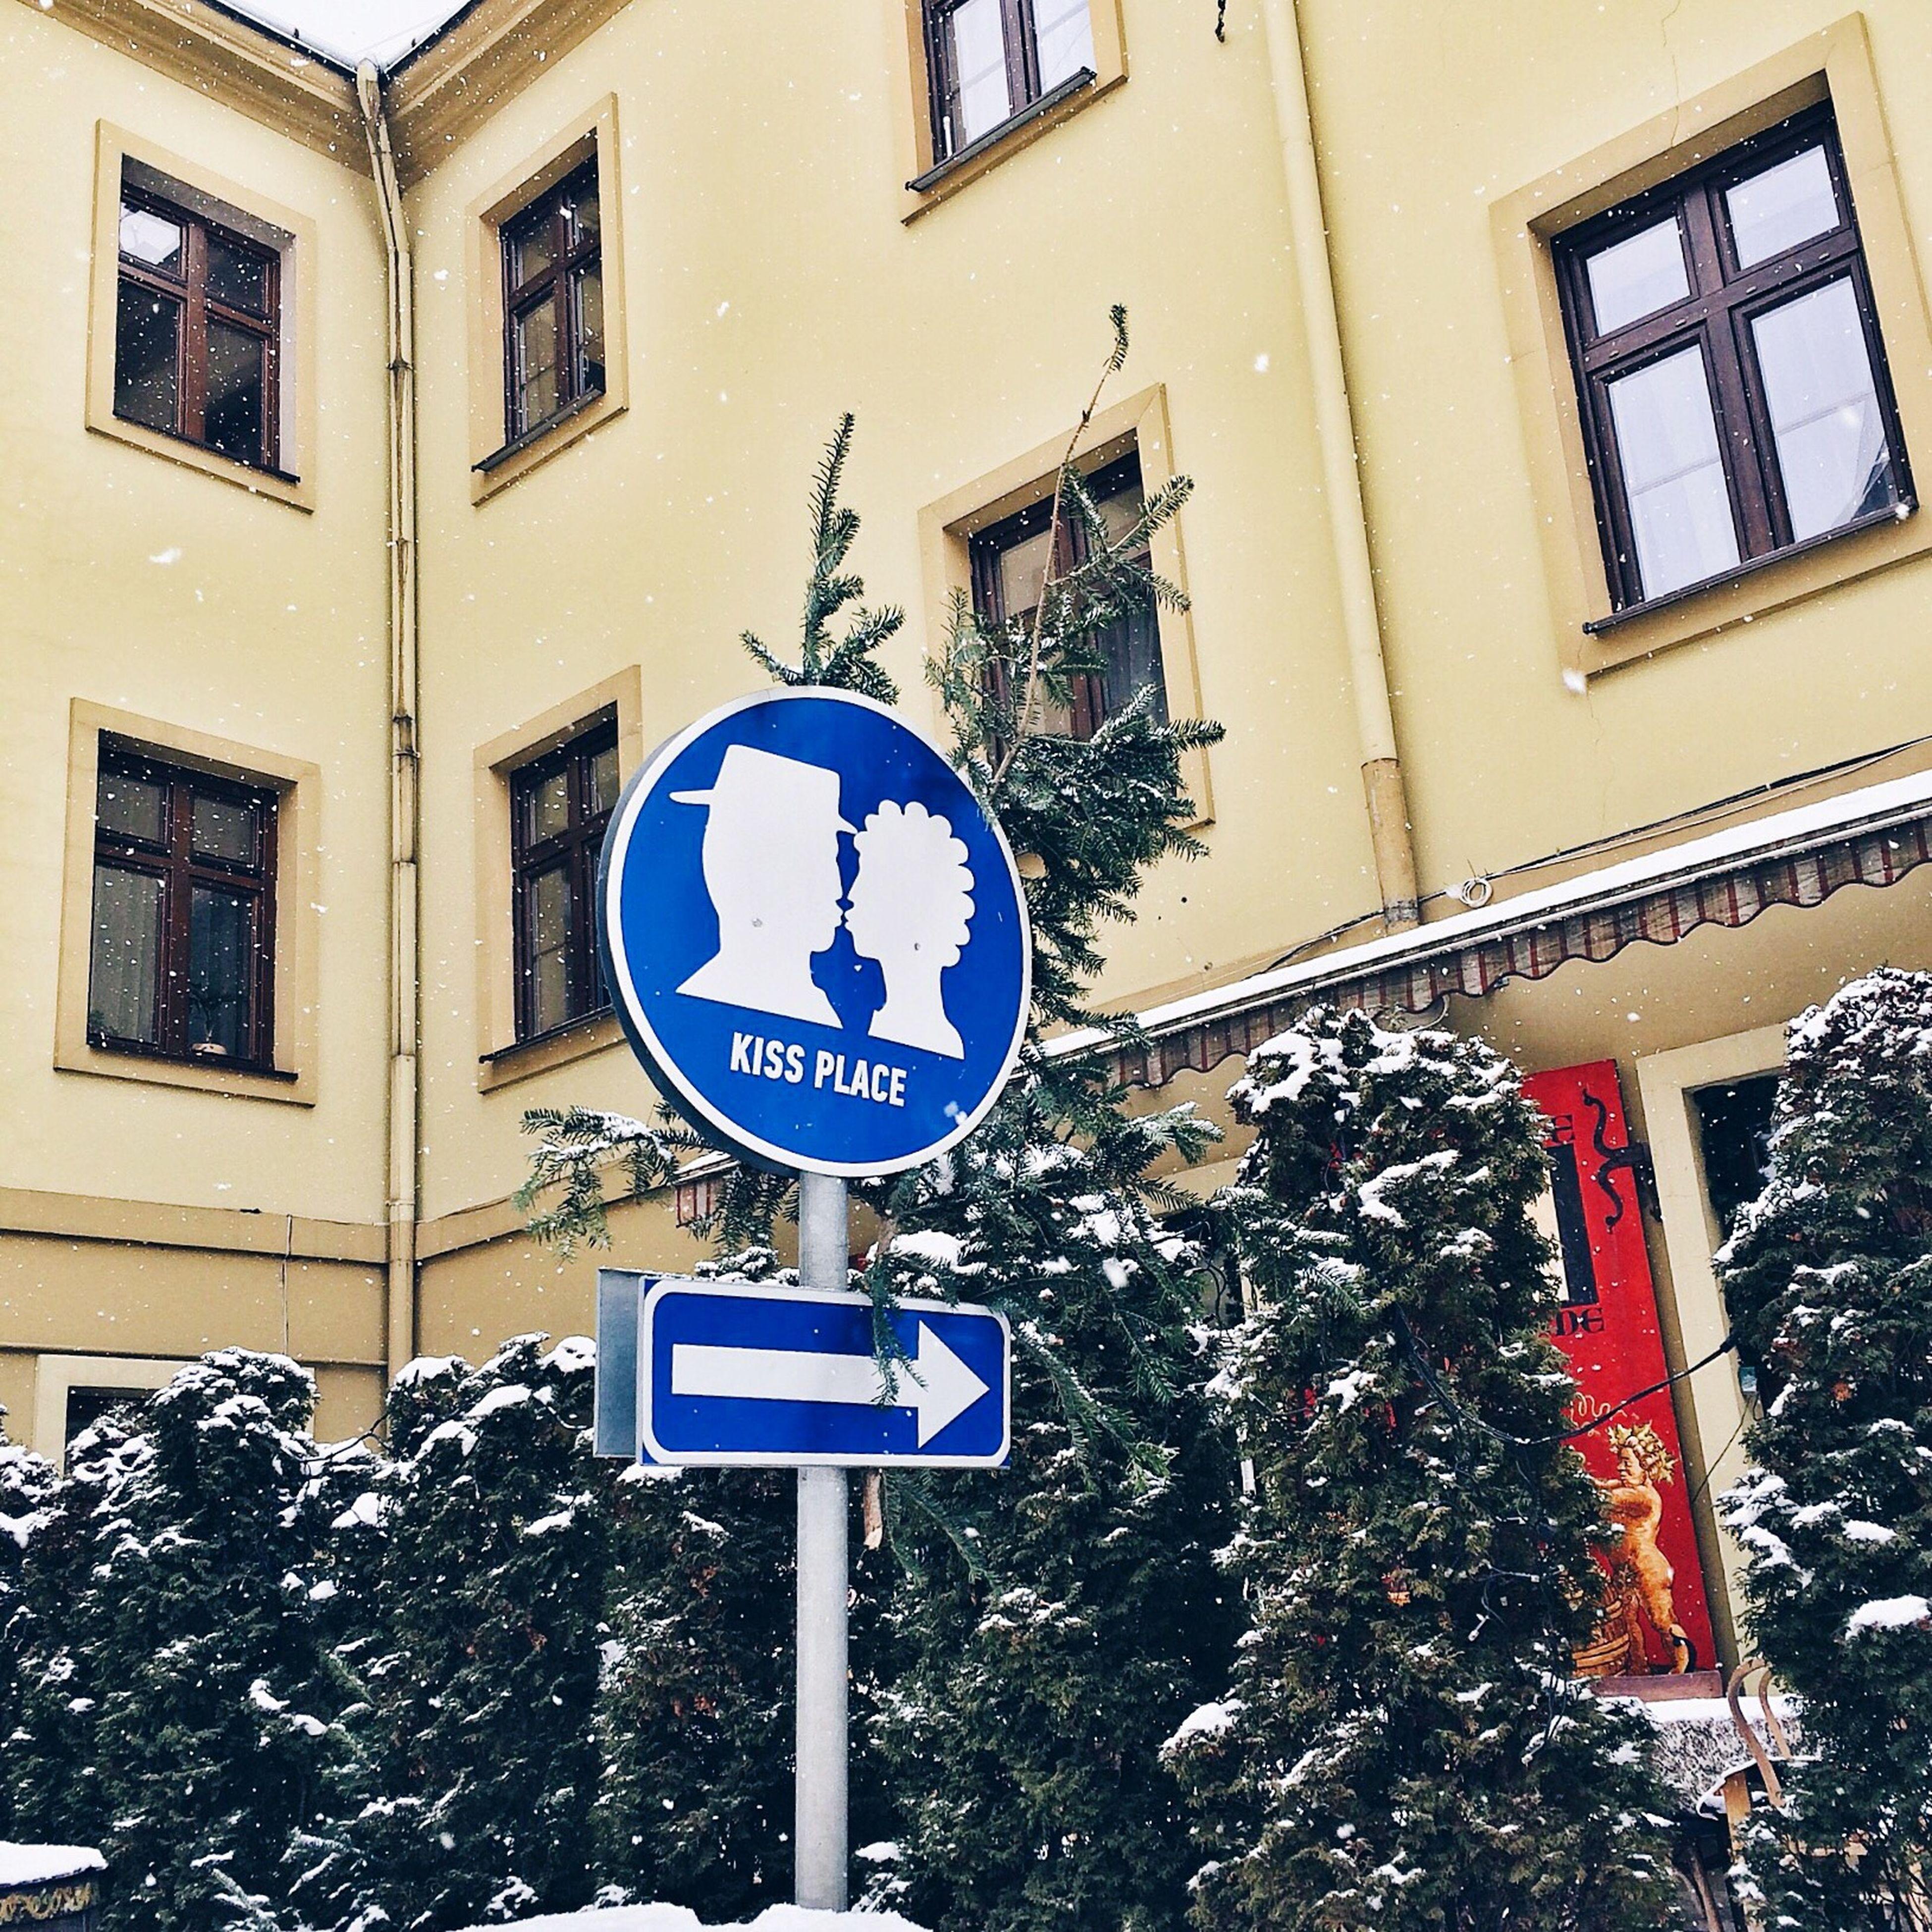 Kiss Place 💏 Lviv Lvivgram